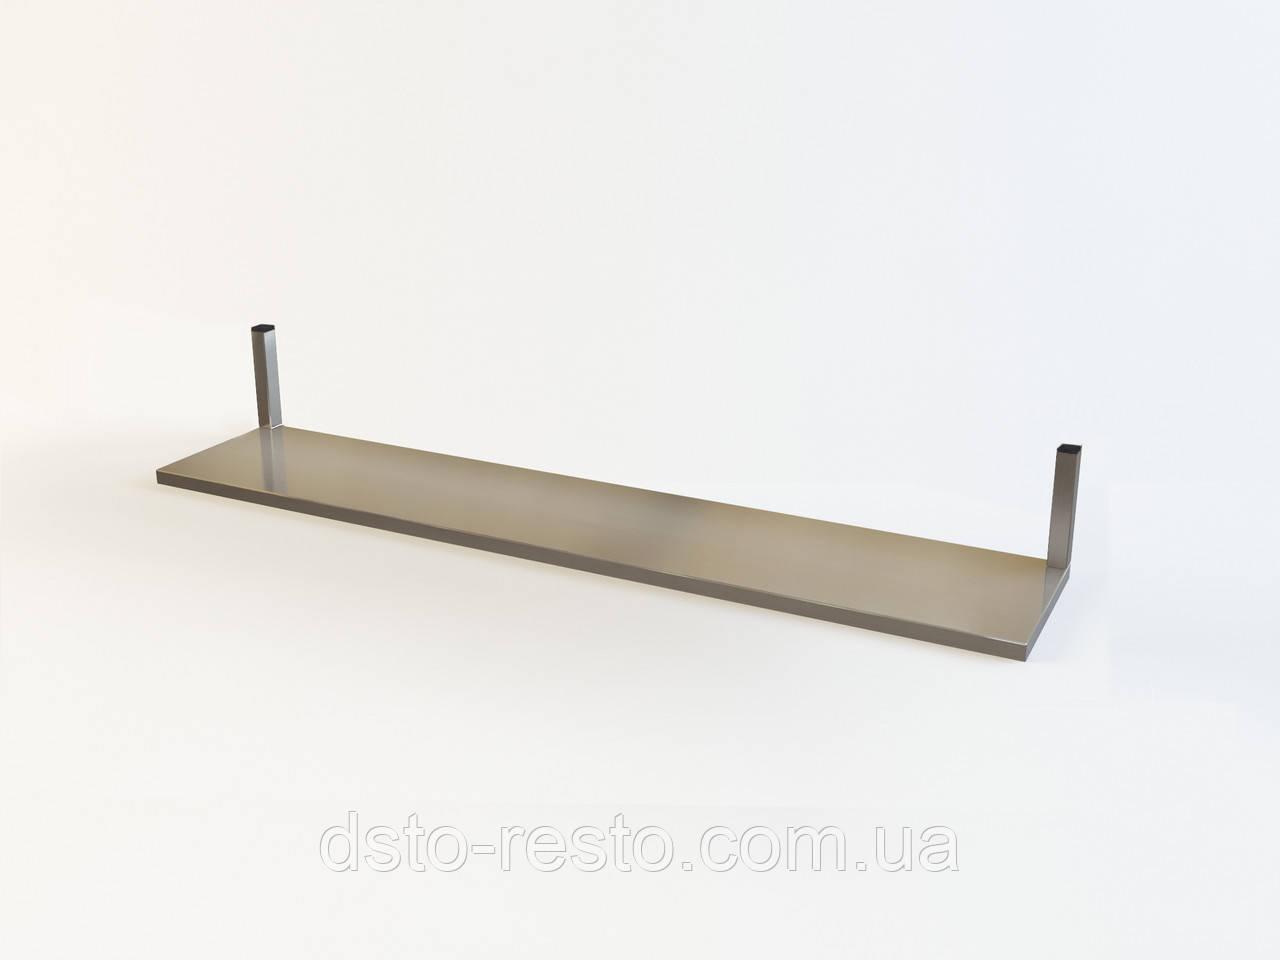 Полка навесная консольная 1-но уровневая 1000/300/300 мм